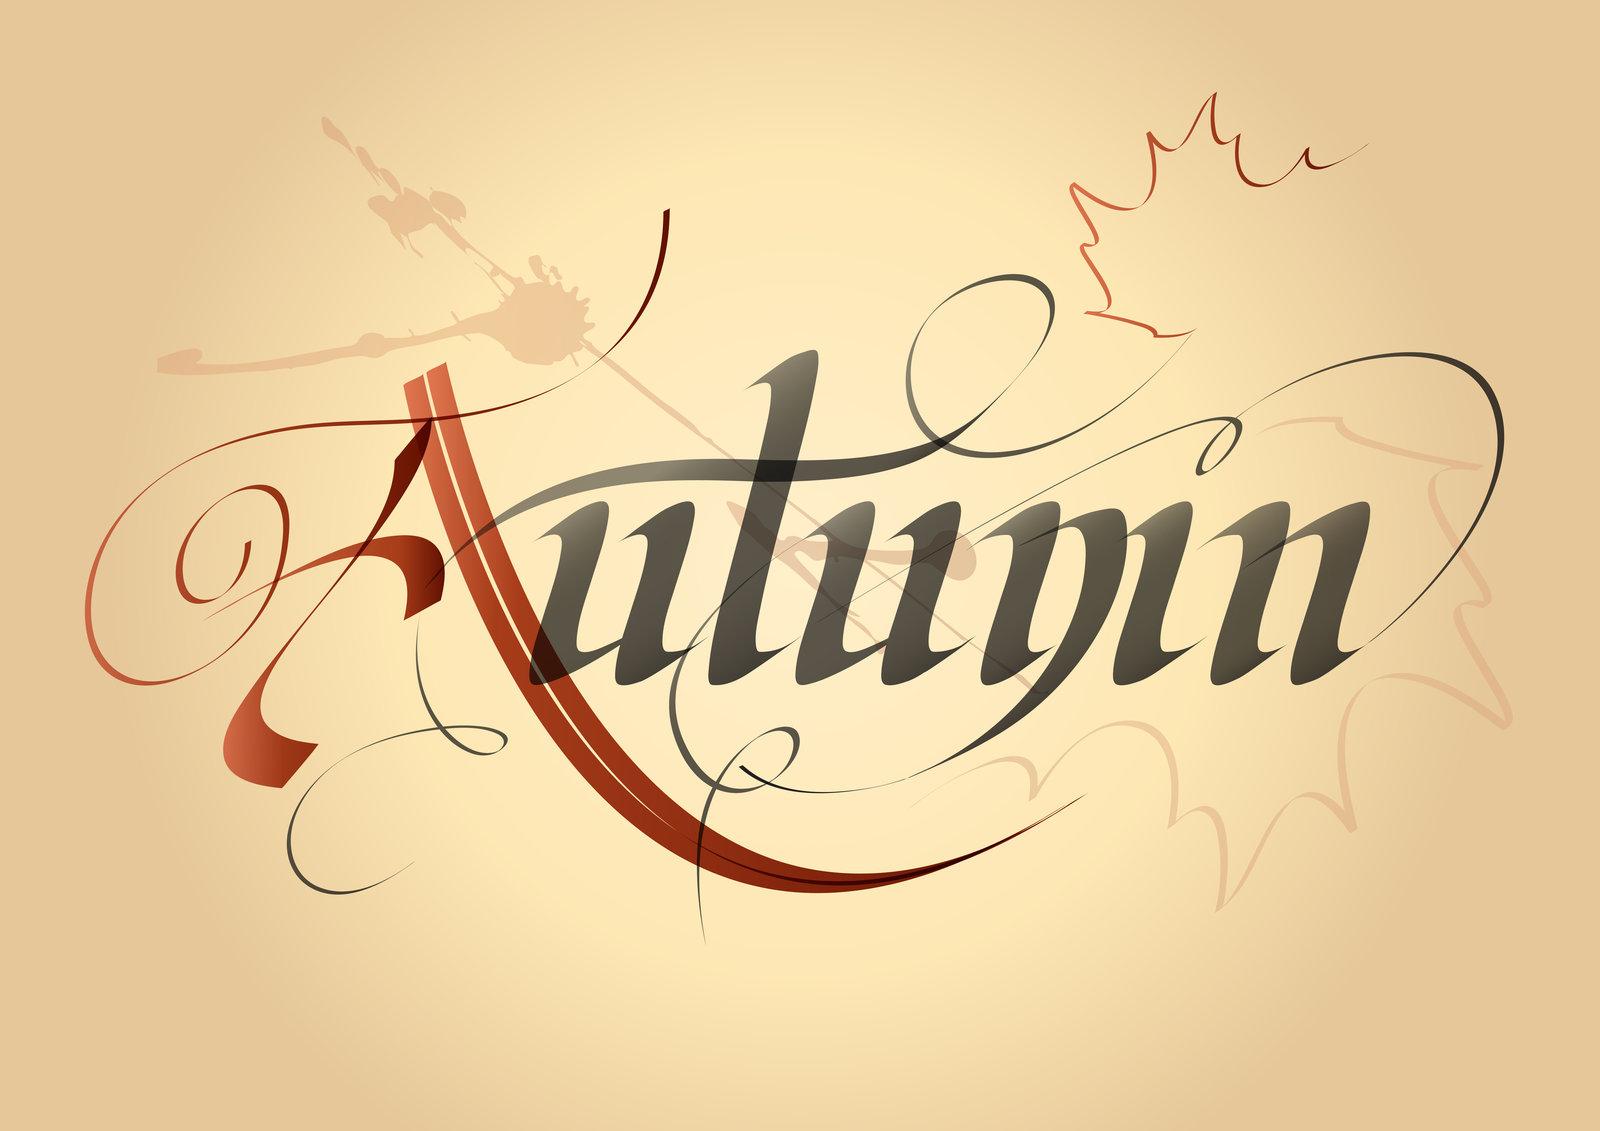 autumn written out